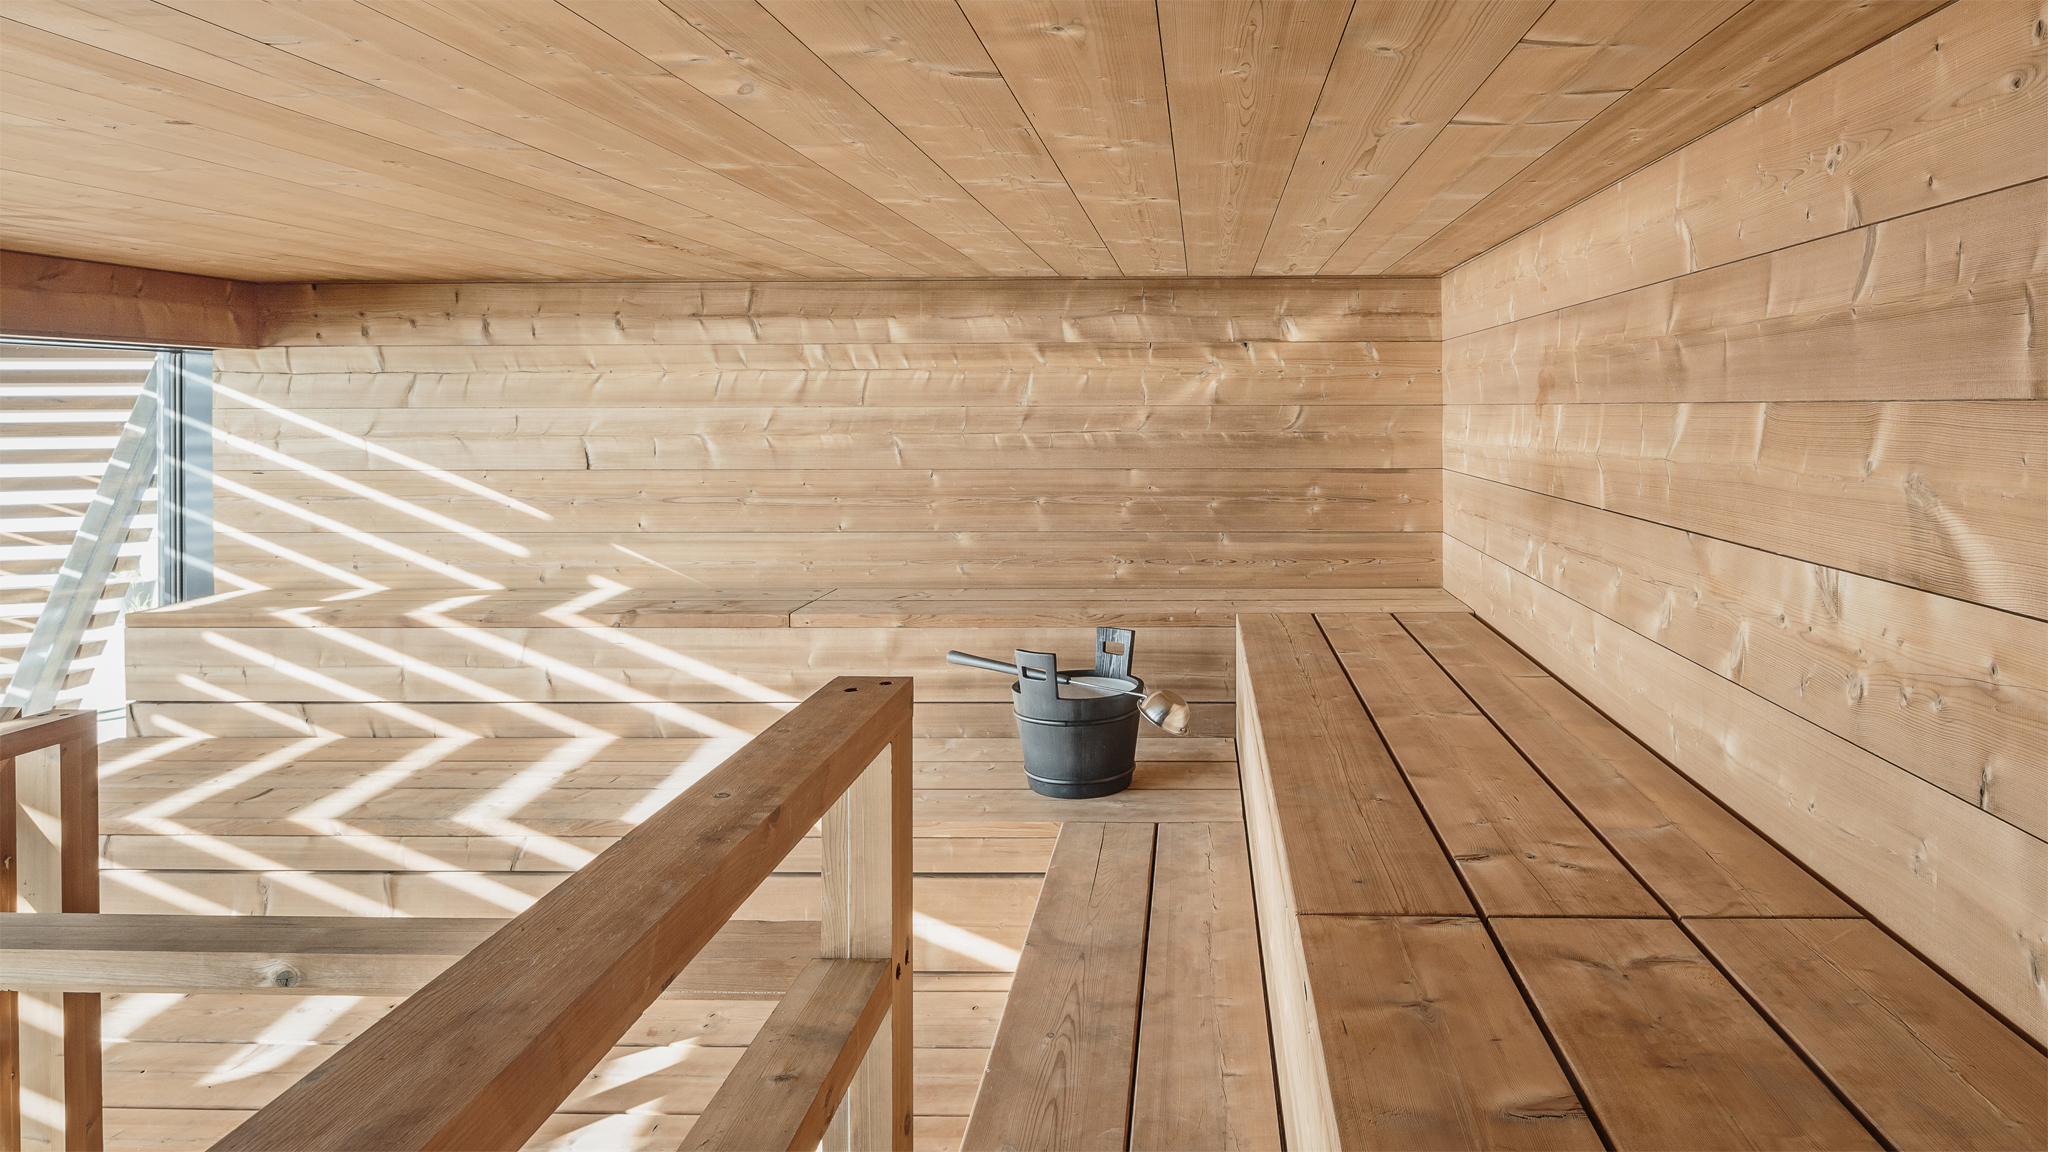 löyly Sauna Löyly in Helsinki metalocus avanto architects loyli 04c